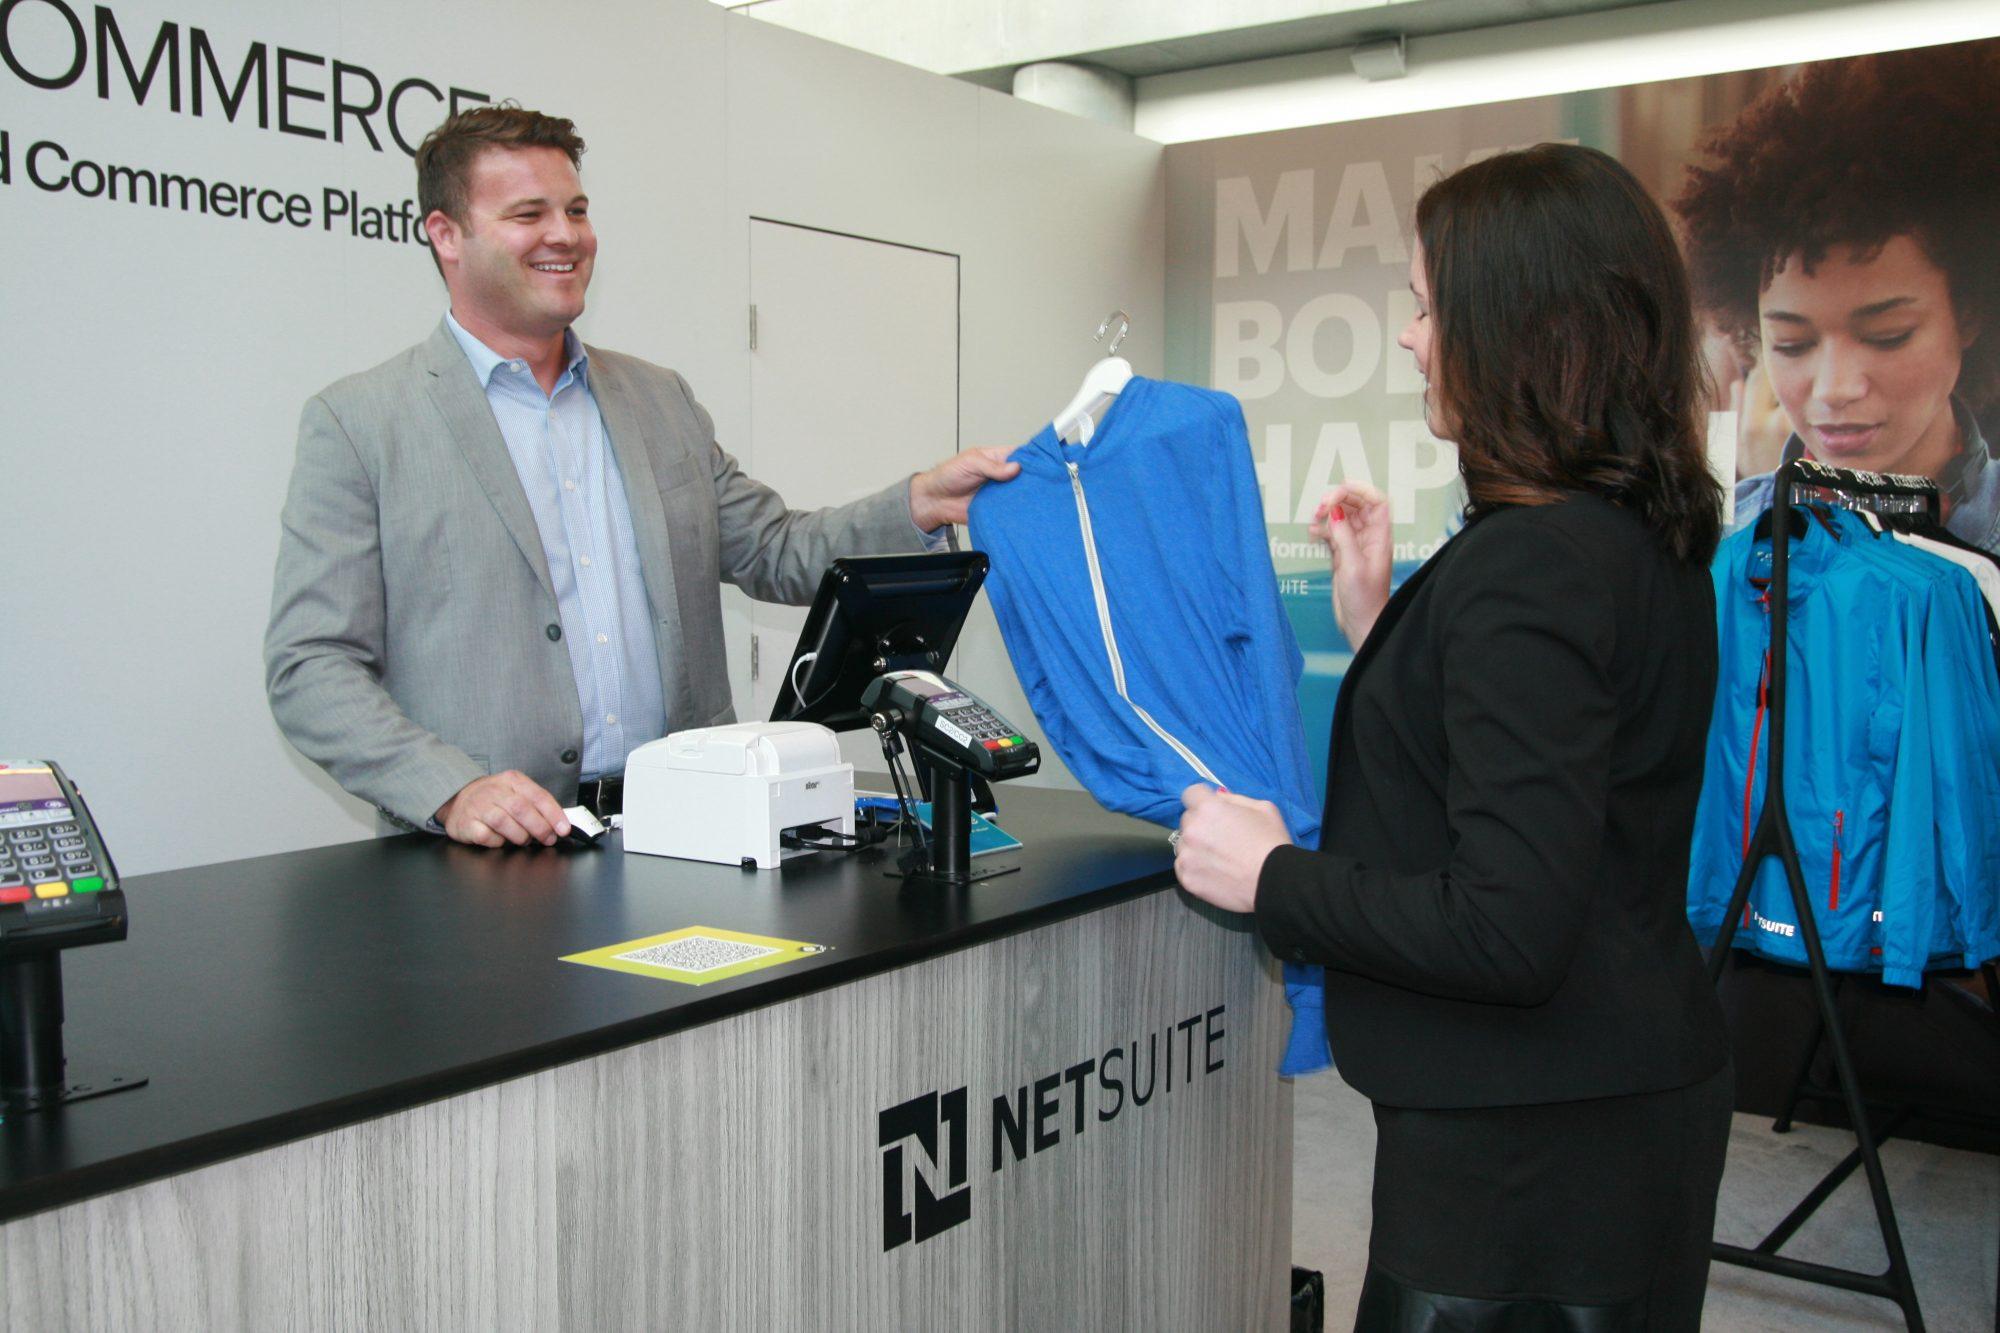 Slide 10 - NetSuite store